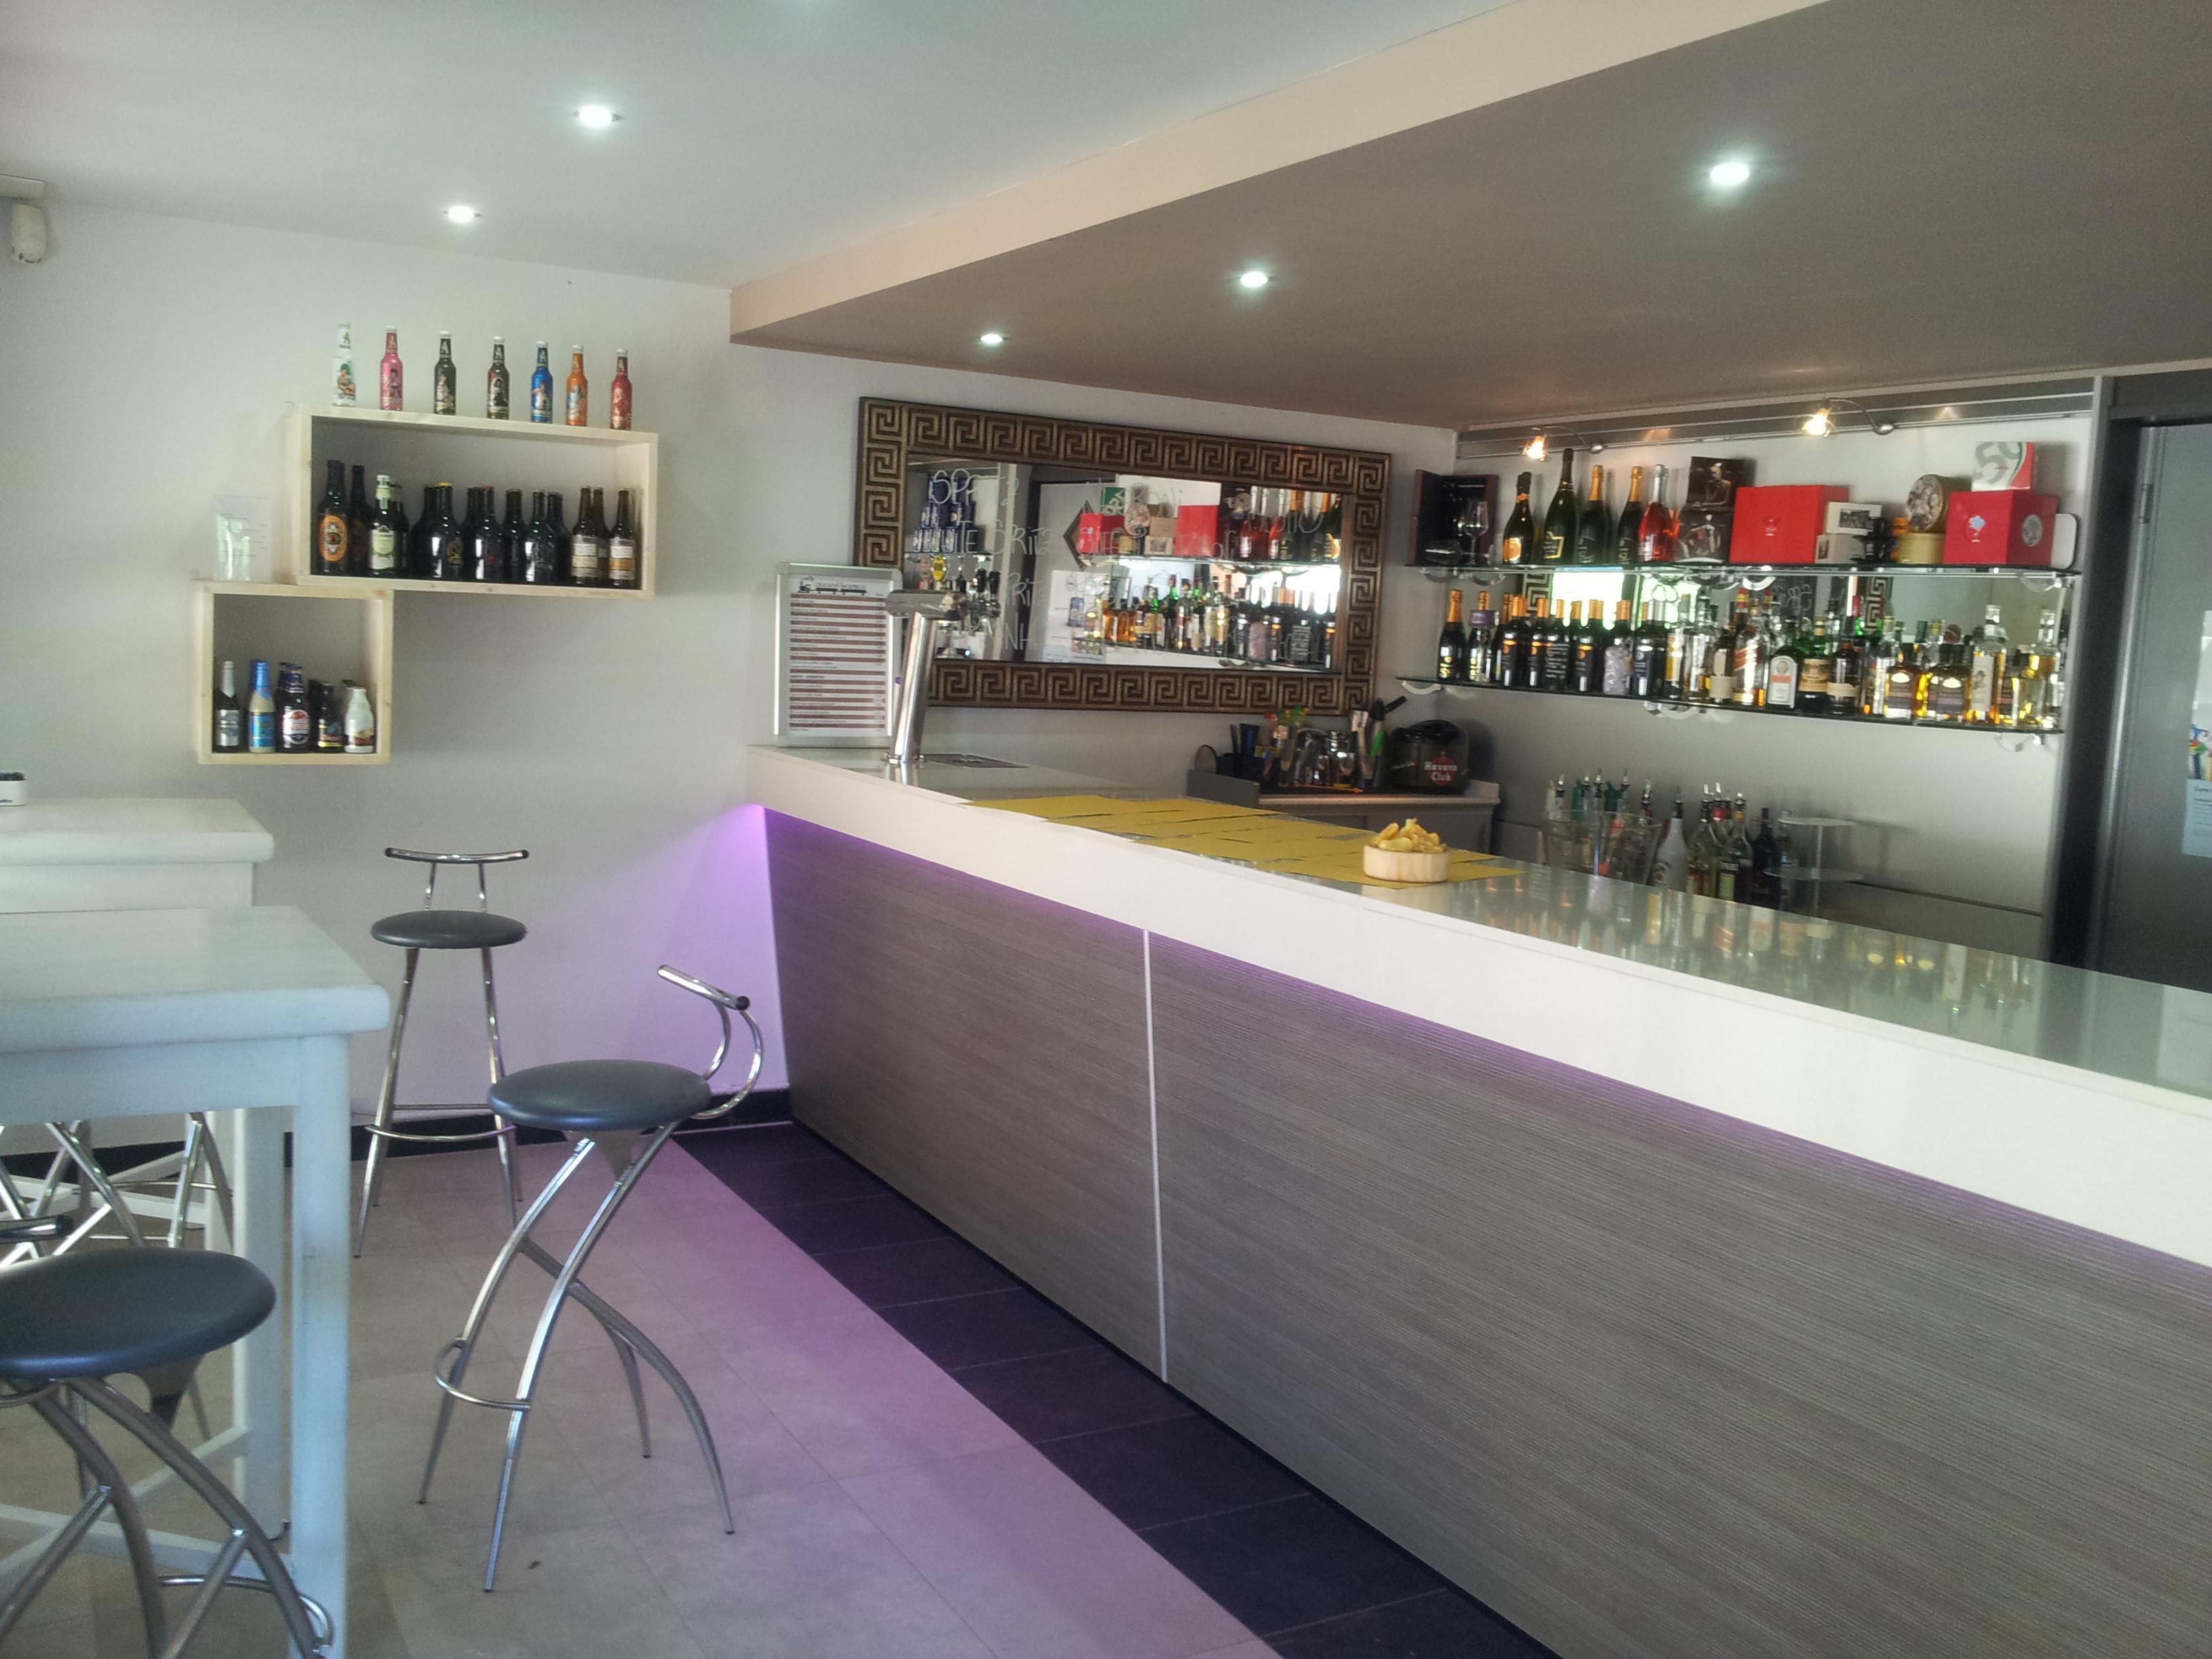 Bar ristoranti artenegozio s r l arredamento negozi for Negozi arredamento reggio emilia